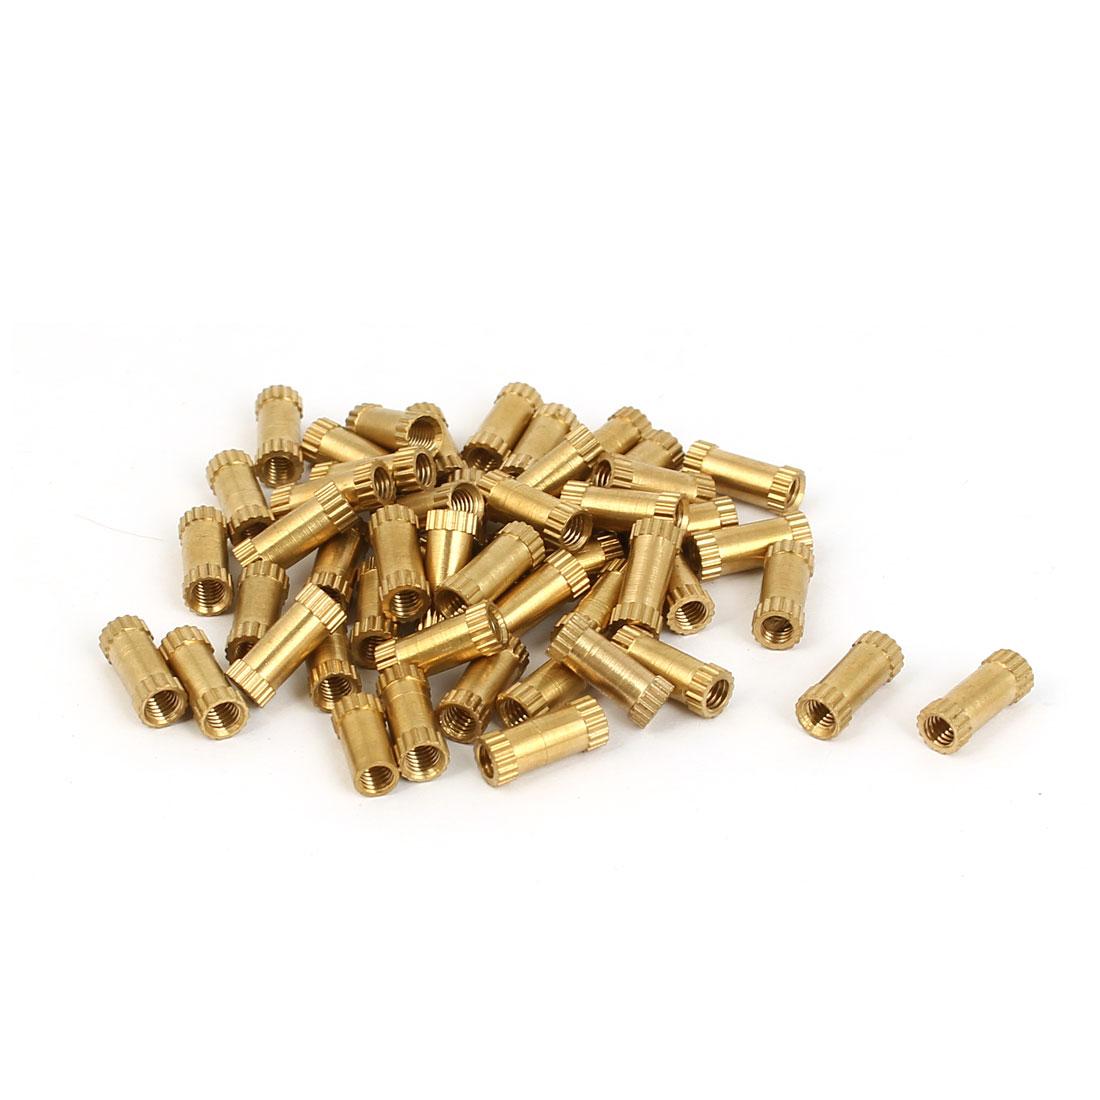 M3 x 4mm x 10mm 0.5mm Thread Pitch Brass Embedded Knurled Thumb Nuts 50 Pcs